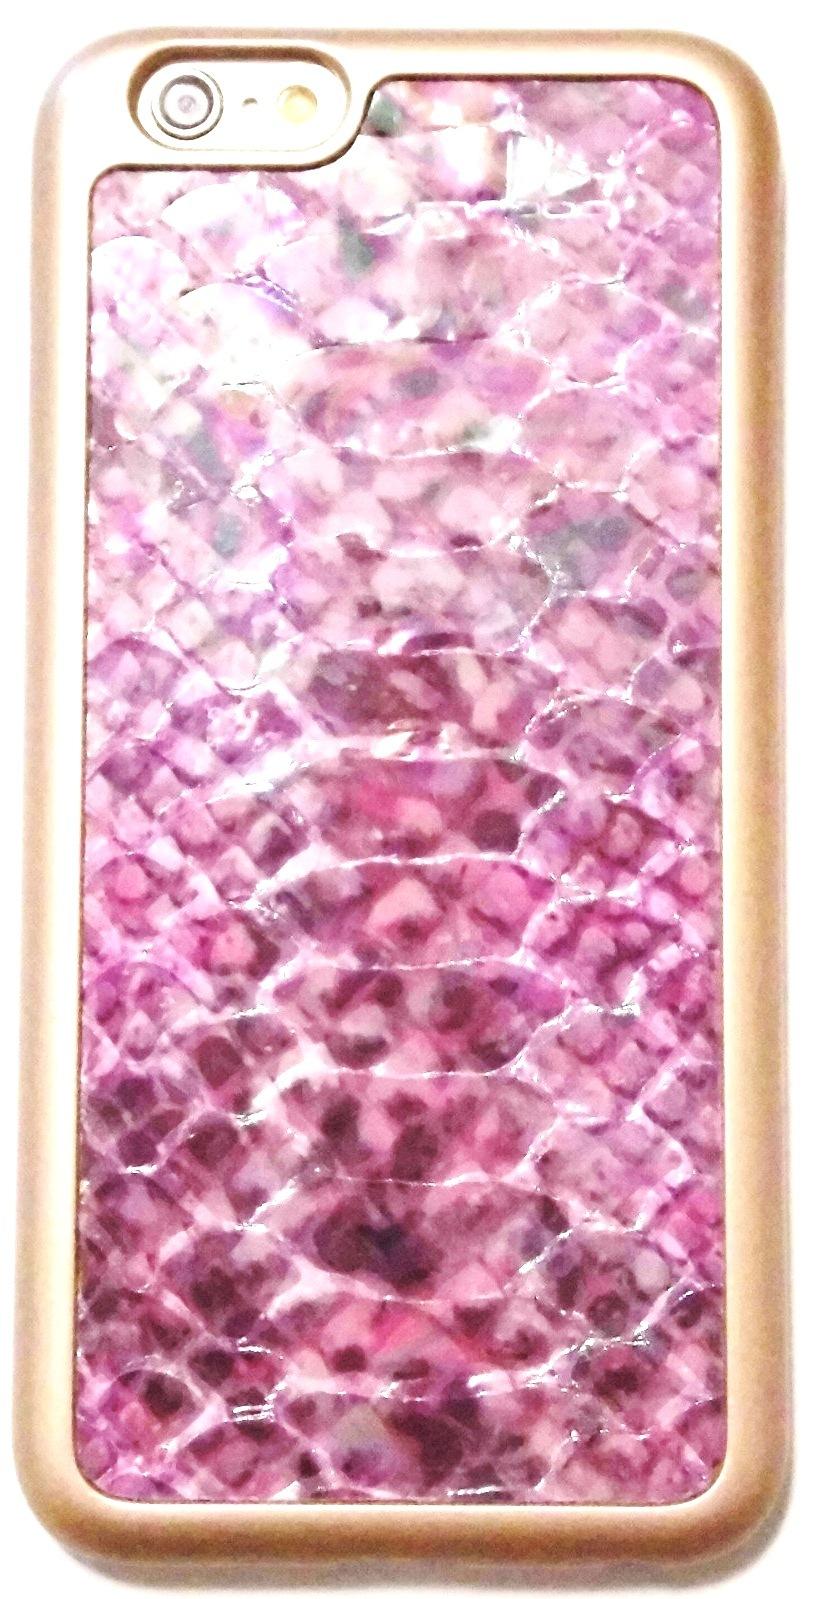 Der Regenbogenfisch iPhone 6 Hulle (2)